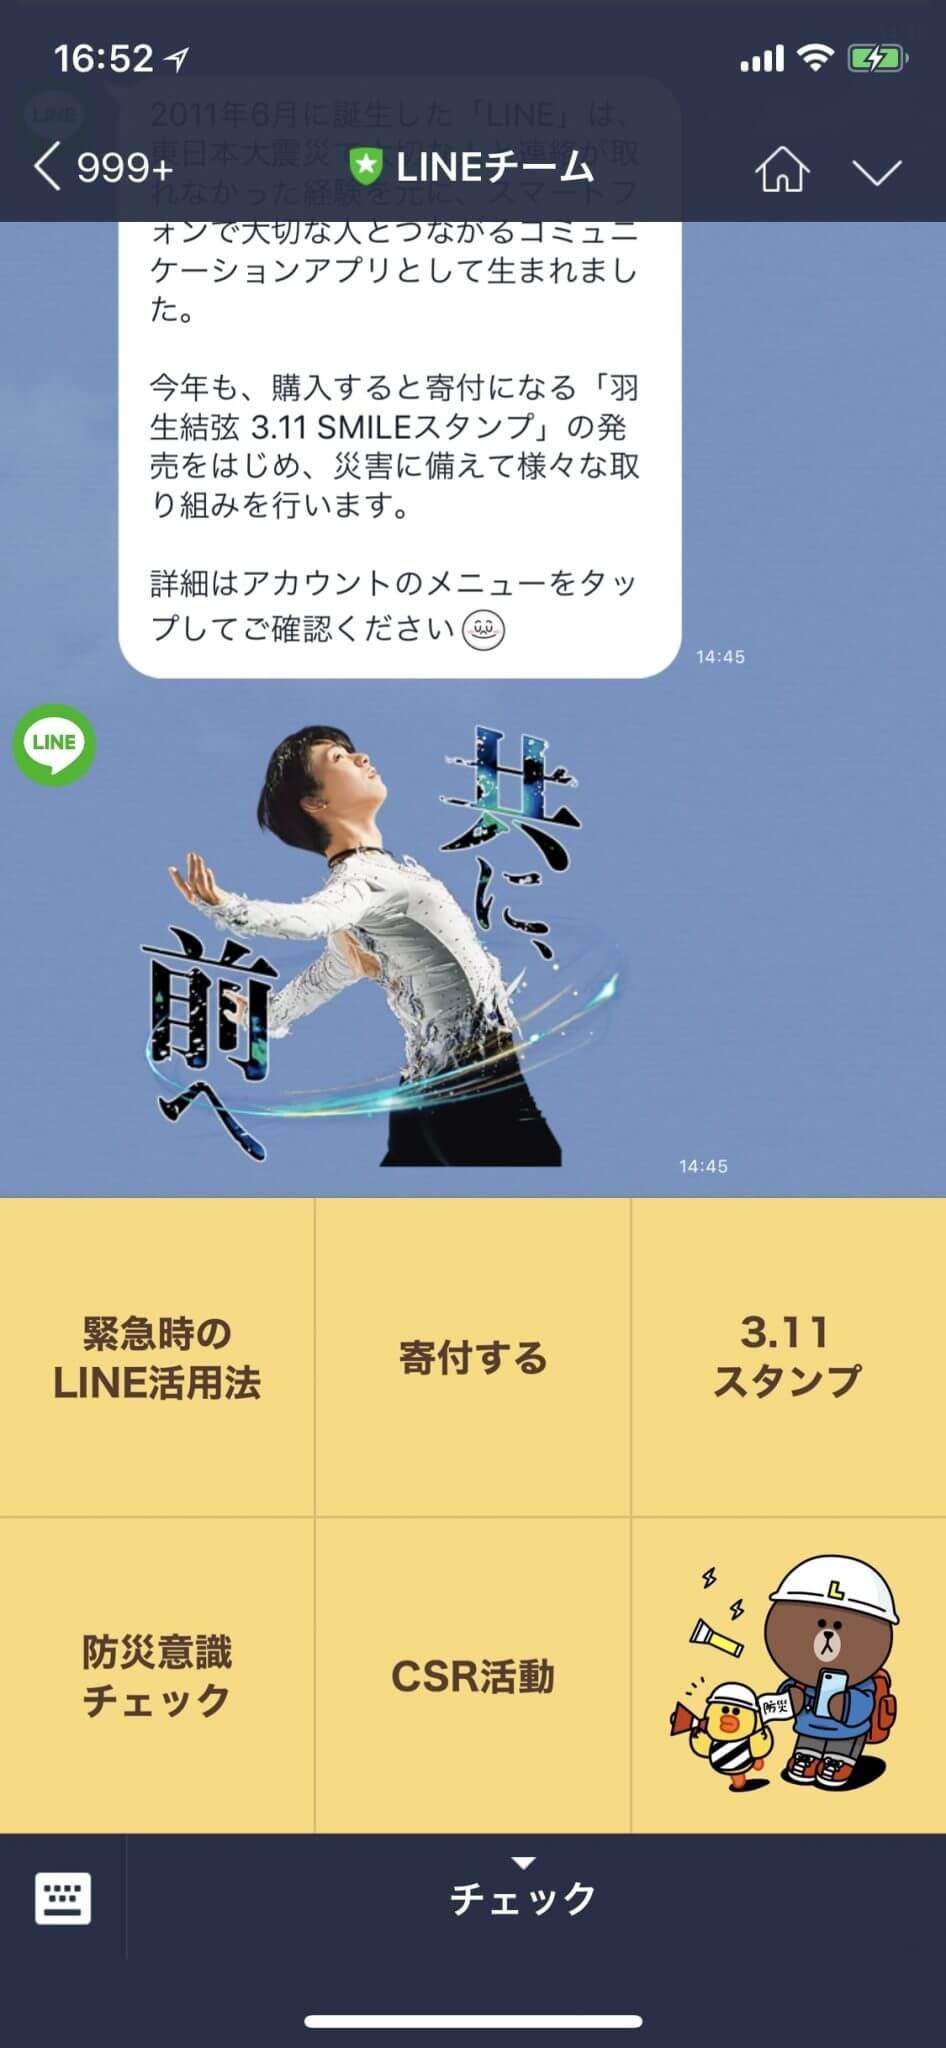 【ビジネス】LINEチーム